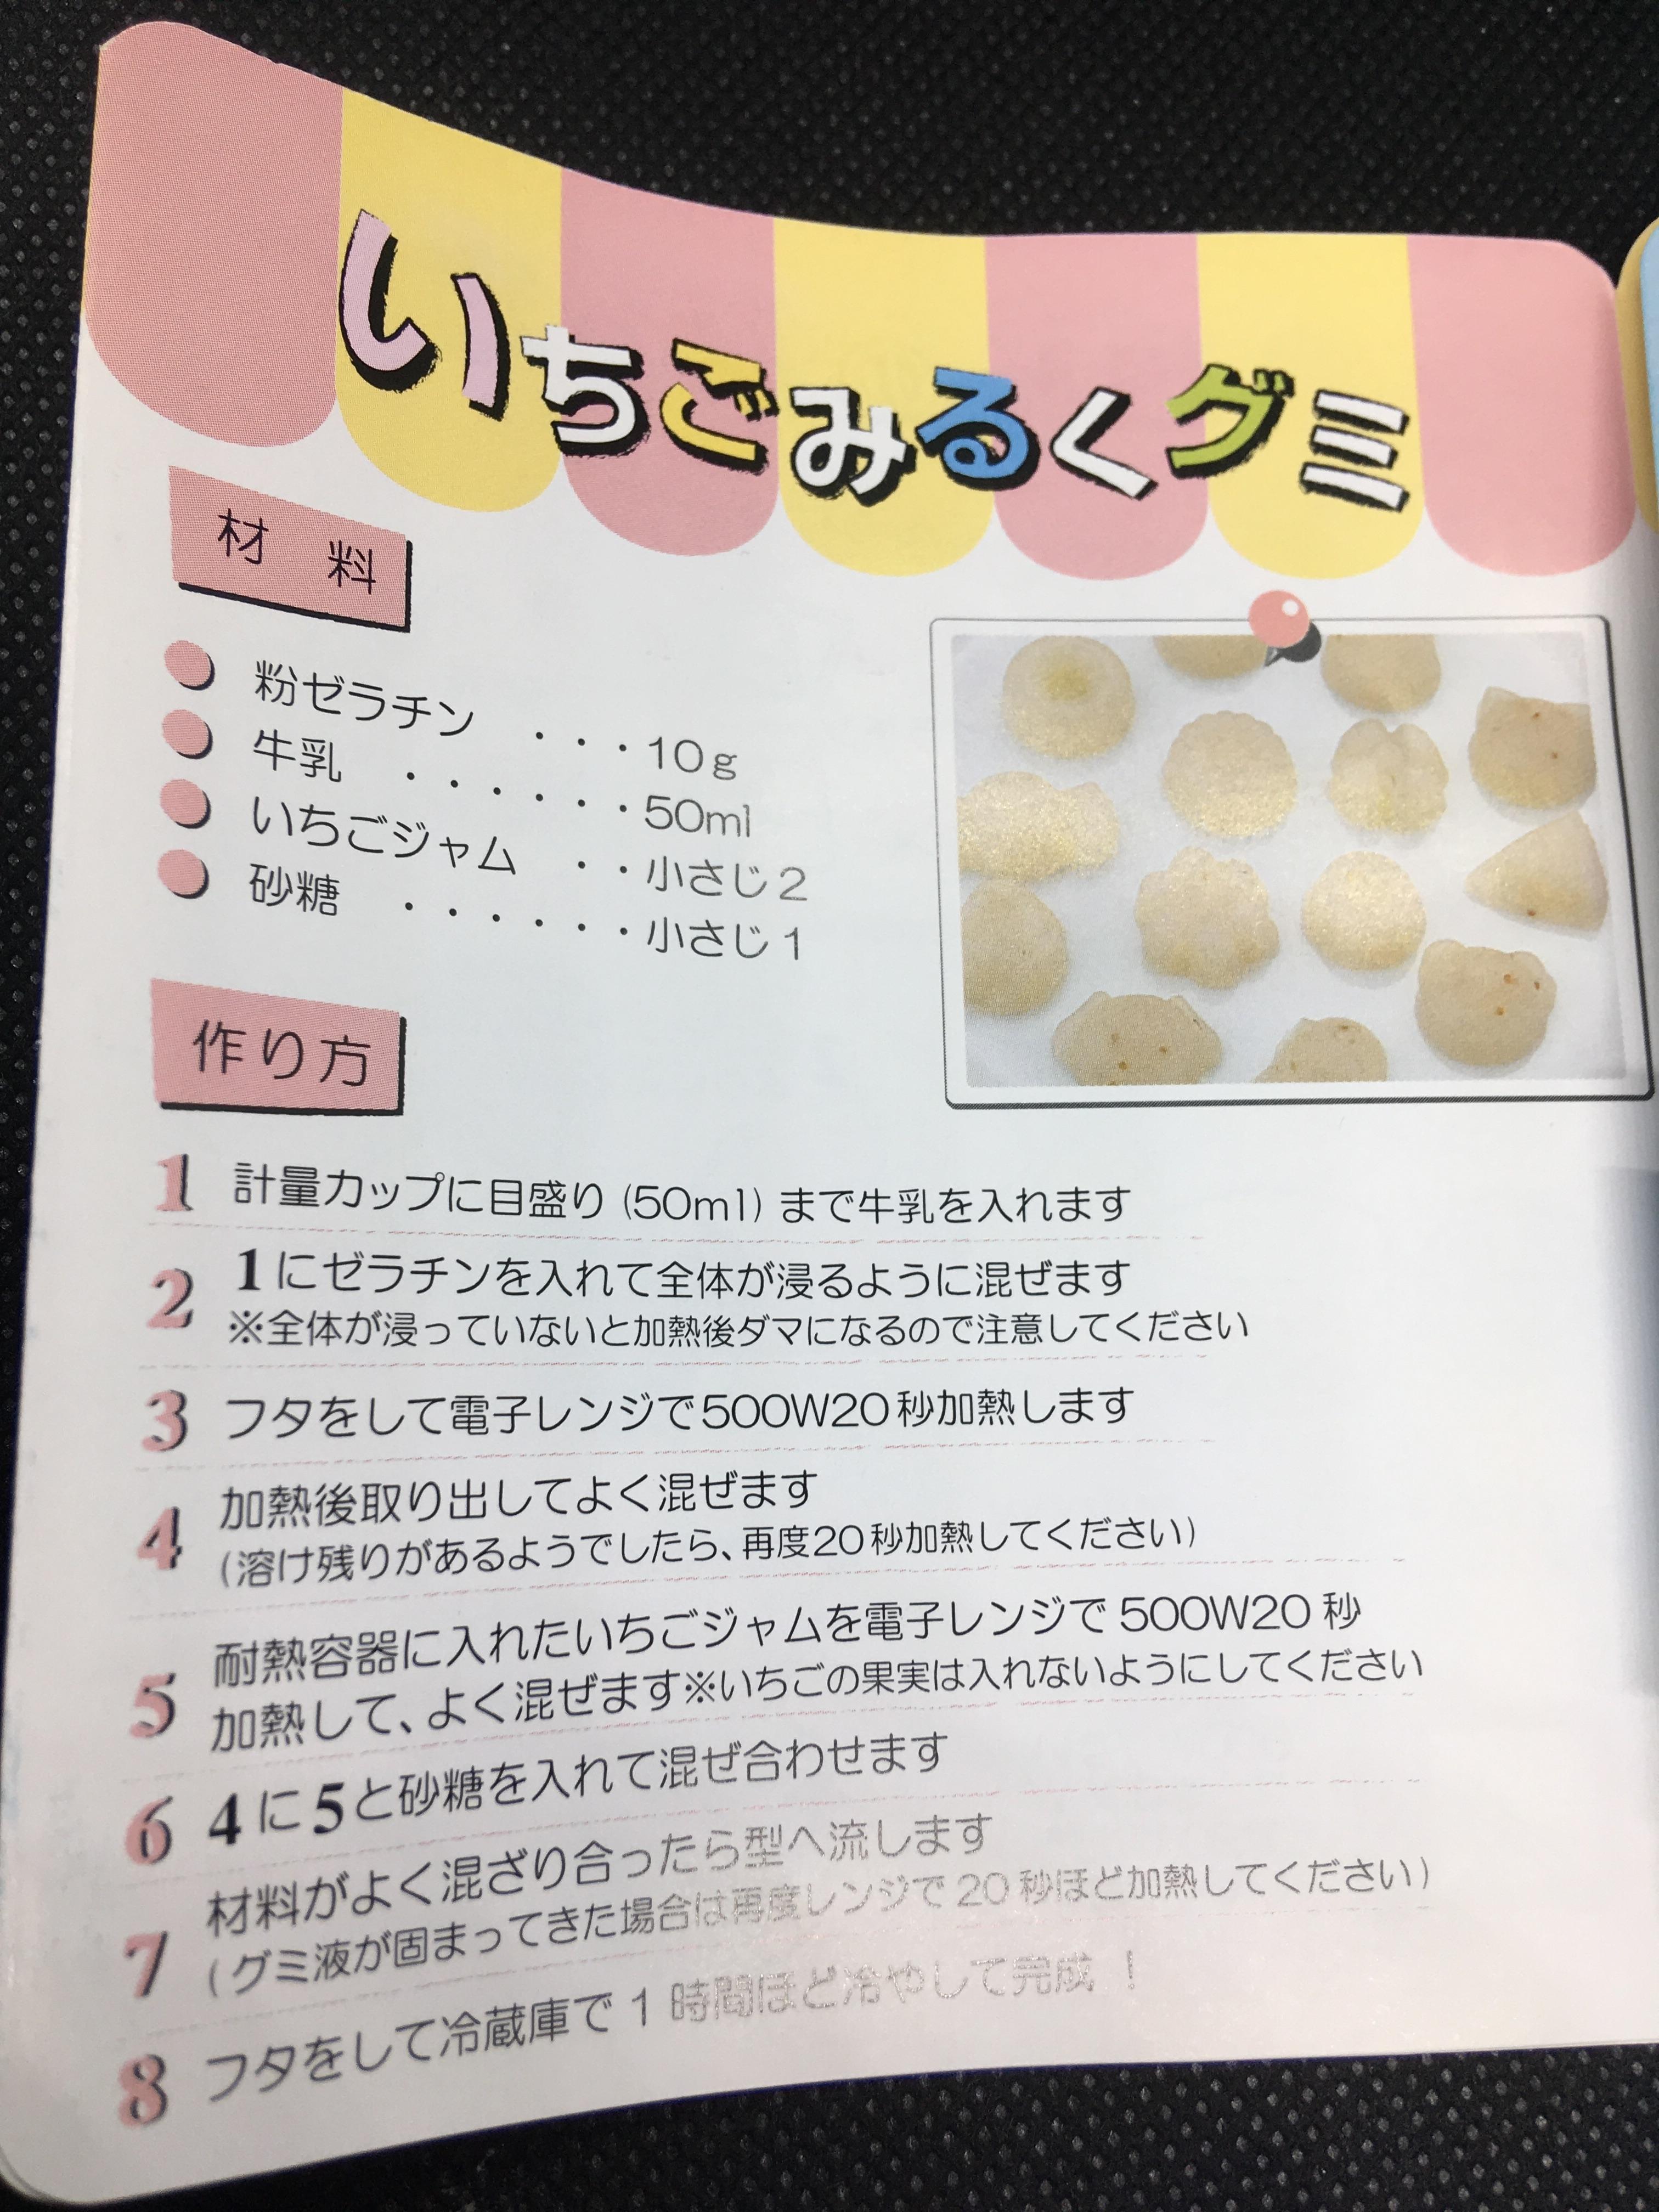 いちごみるくグミのレシピ